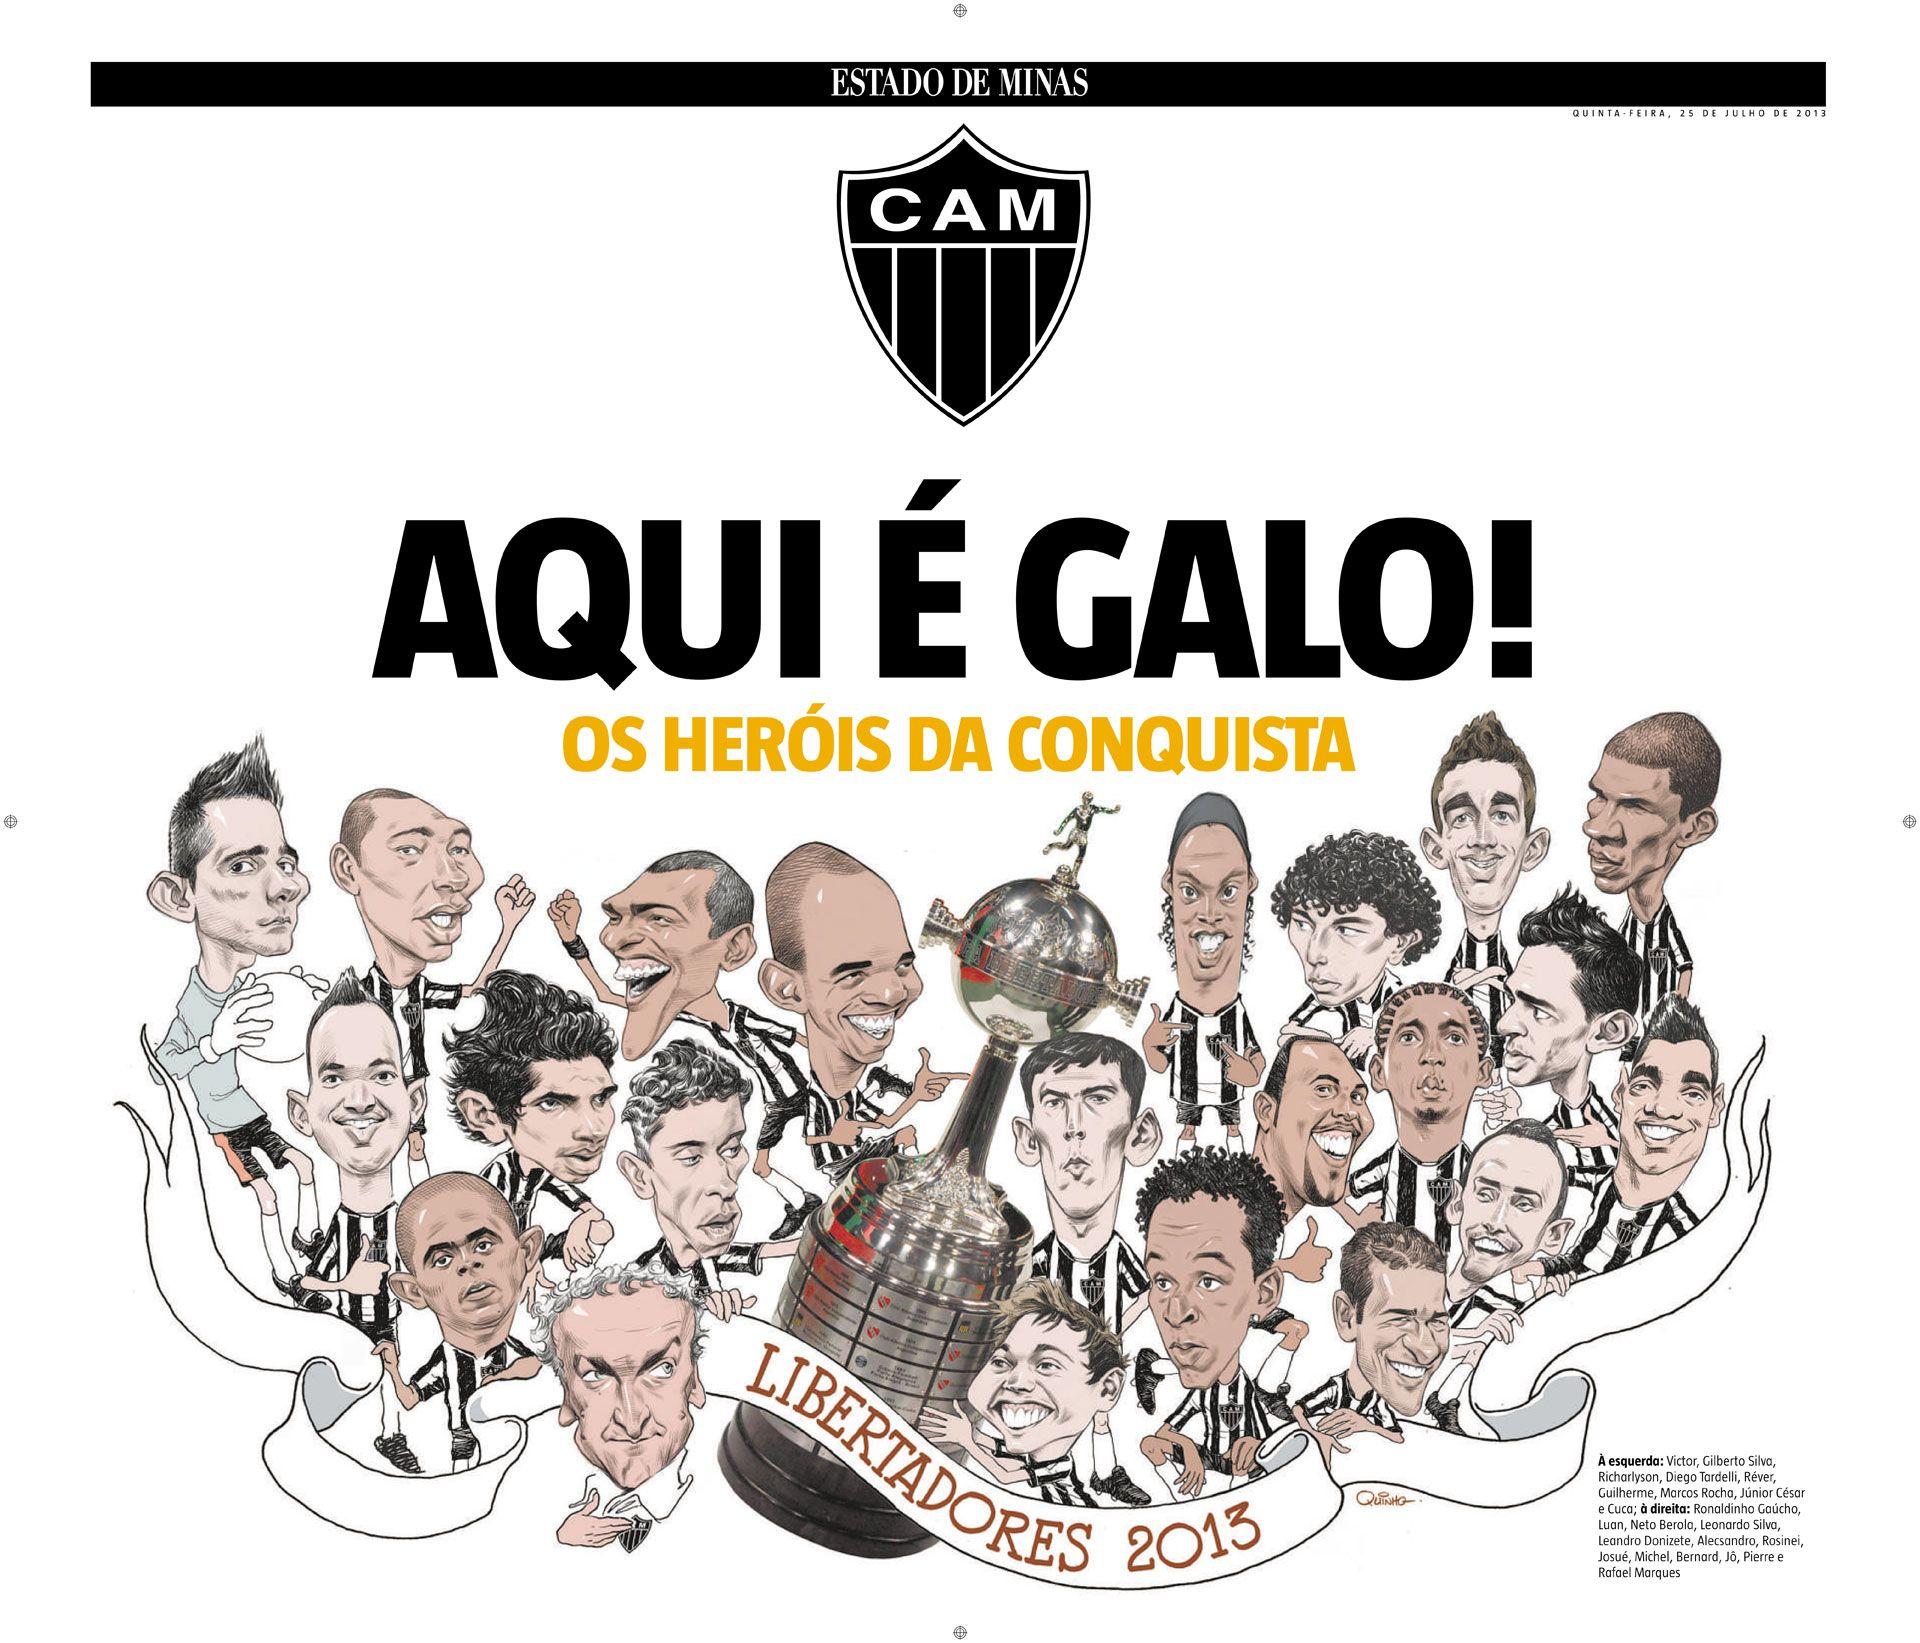 Aqui E Galo Clube Atletico Mineiro Atletico Mg Libertadores 2013